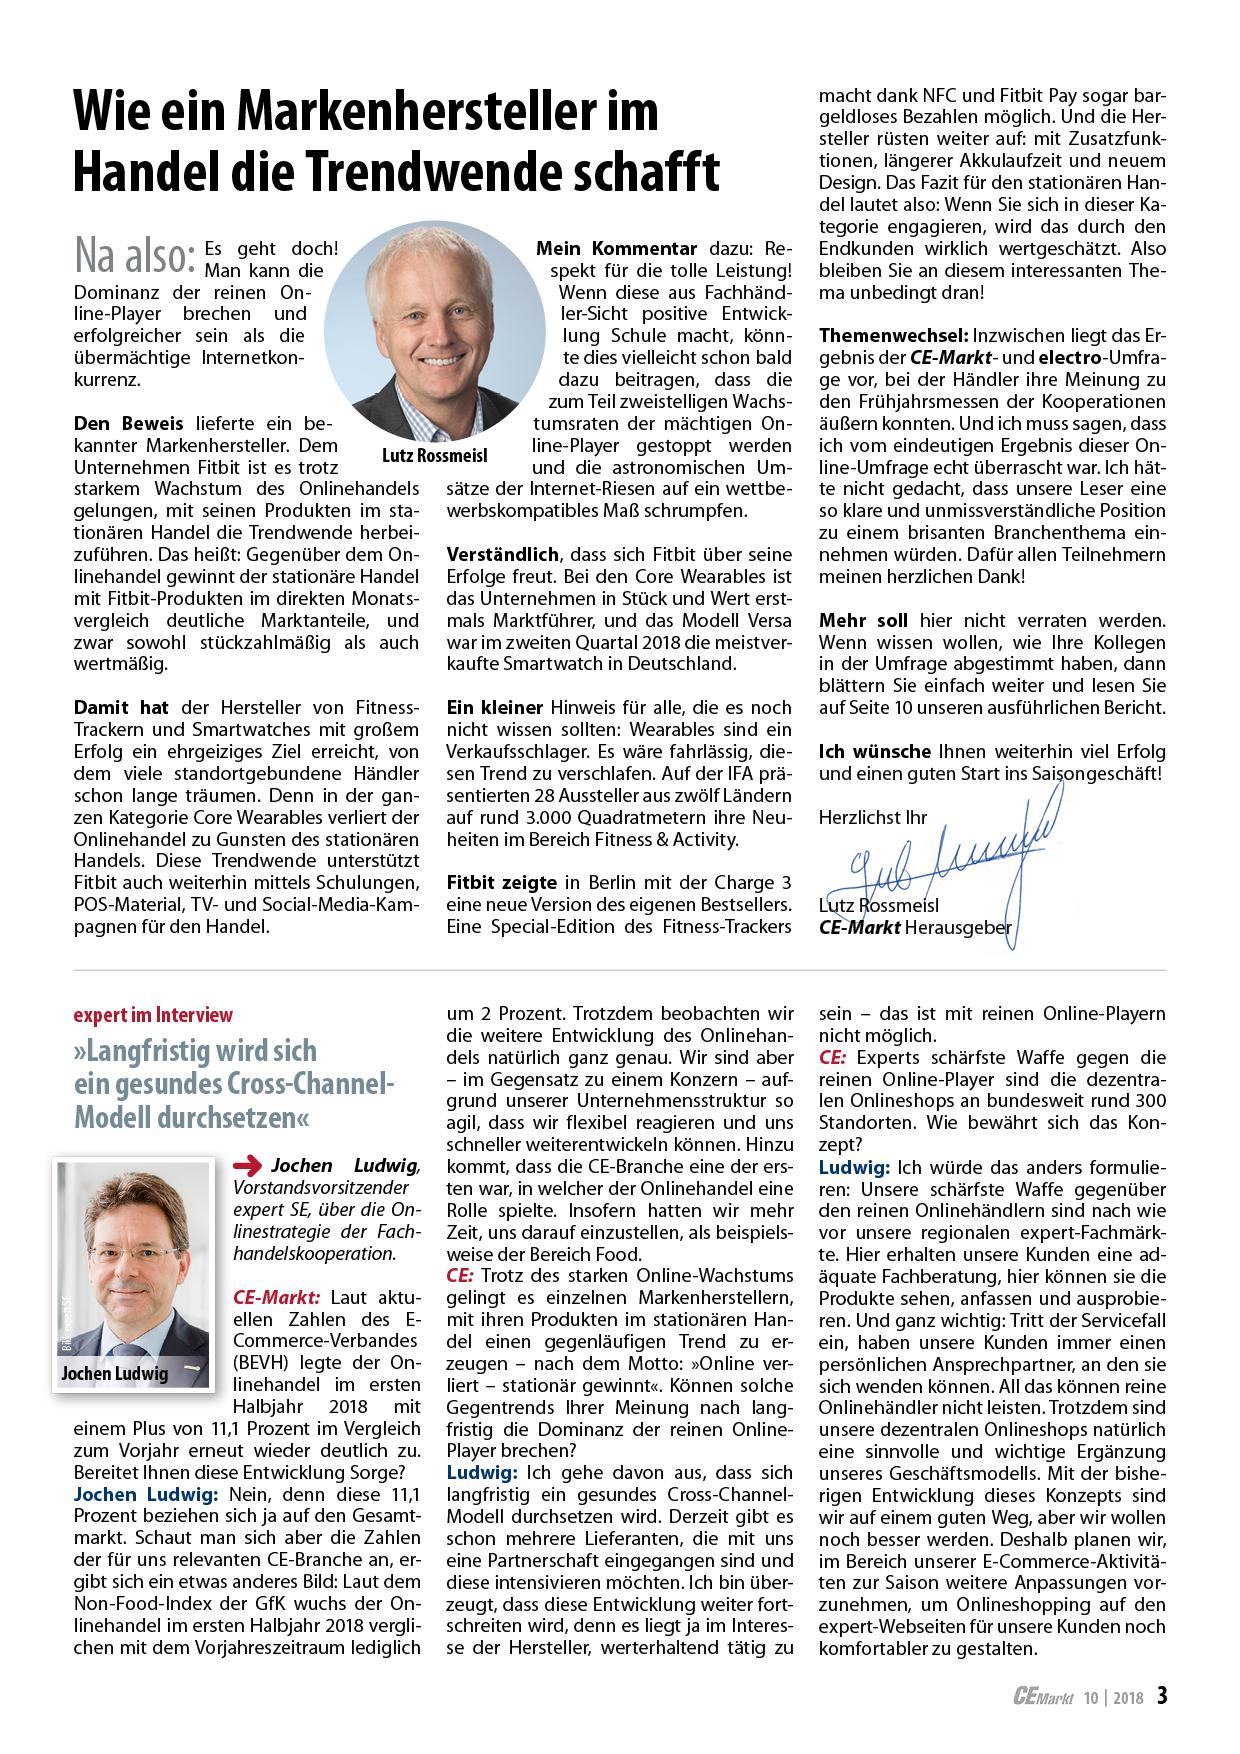 CE-Markt 10-2018: Editorial und Inhalt